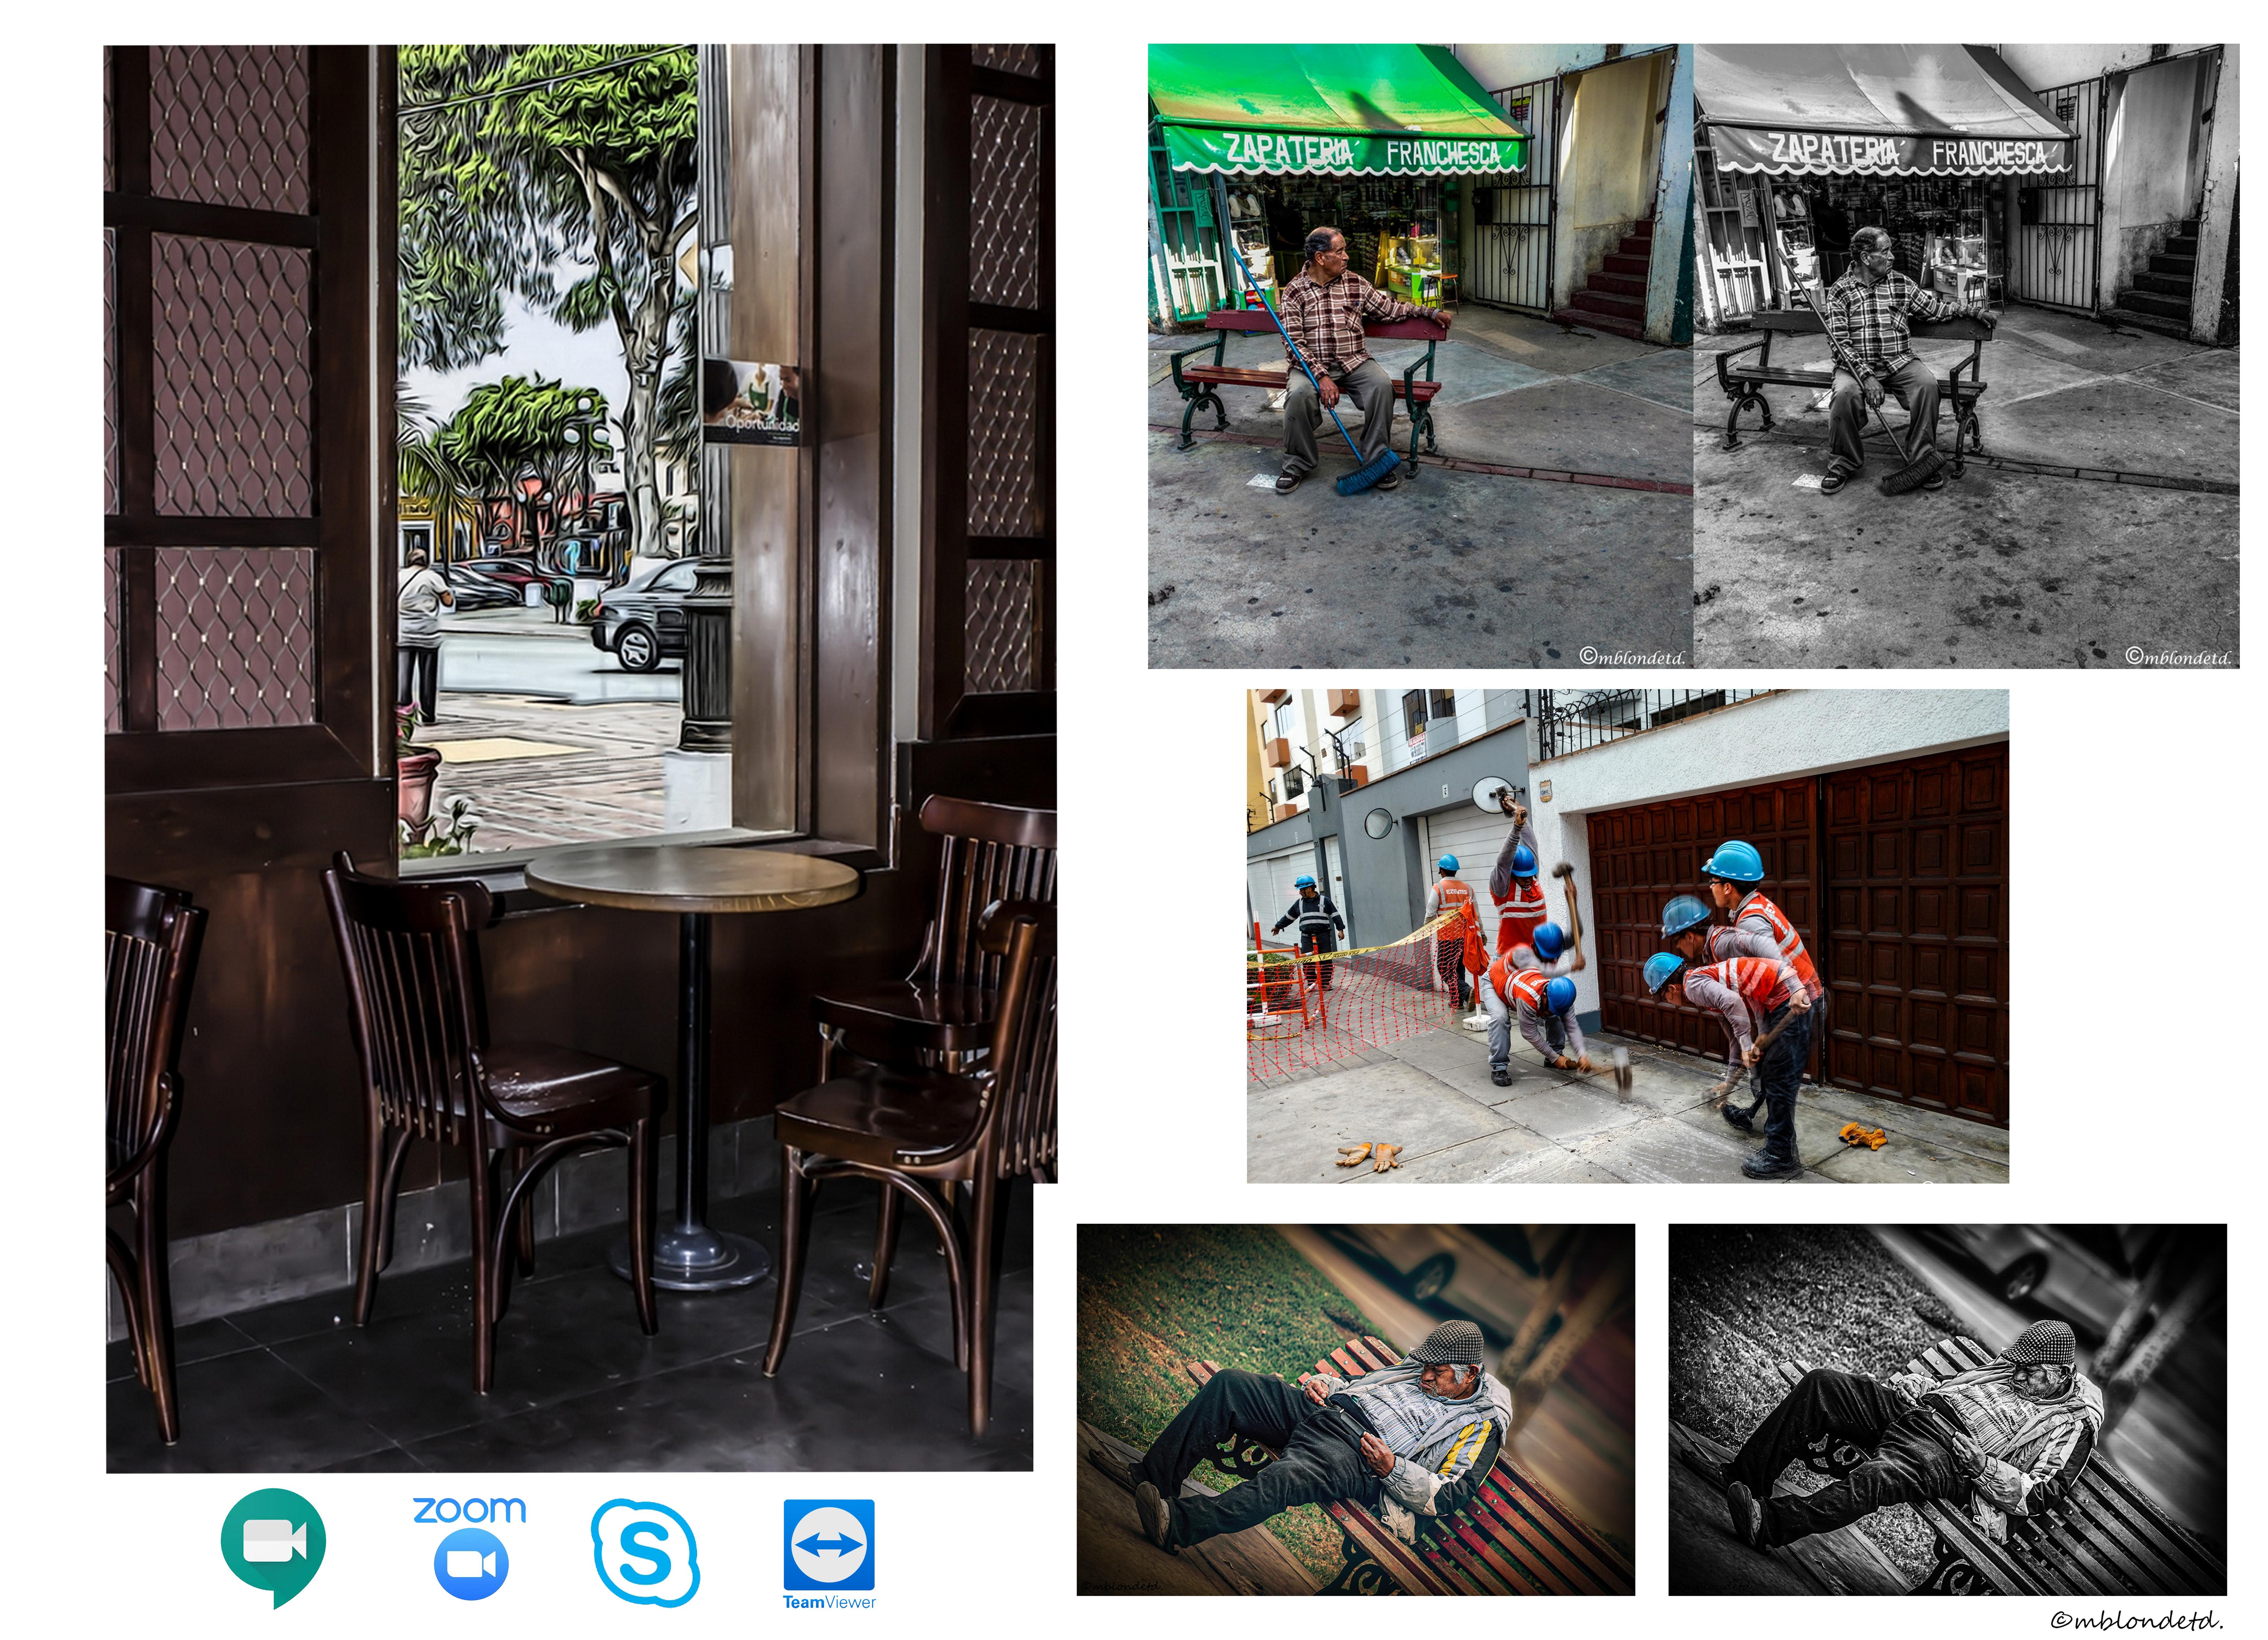 Clases virtuales personalizadas de fotografía,revelado raw y edición en photoshop.¡Aprende conmigo a hacer mejor lo que otros hacen bien!